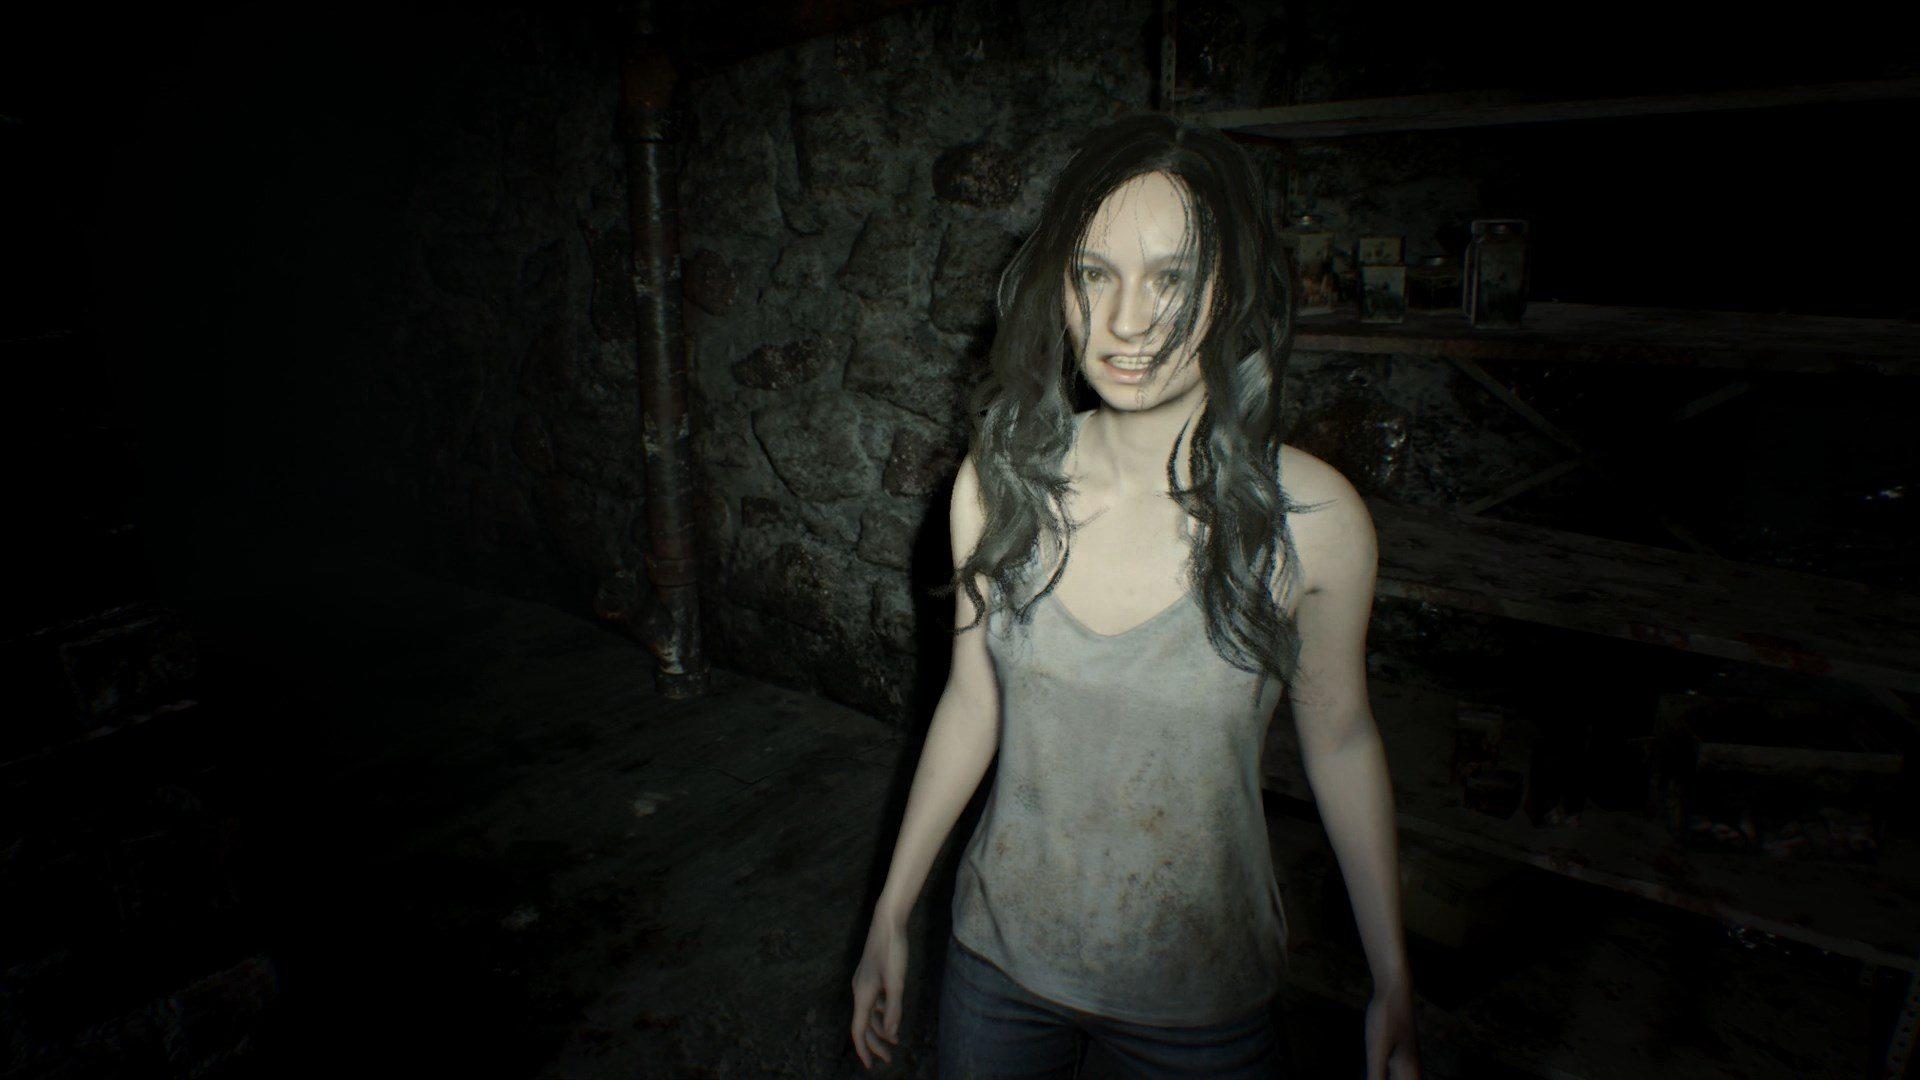 Resident Evil 7 10 Gruesome Ways To Die Playstationgrenade